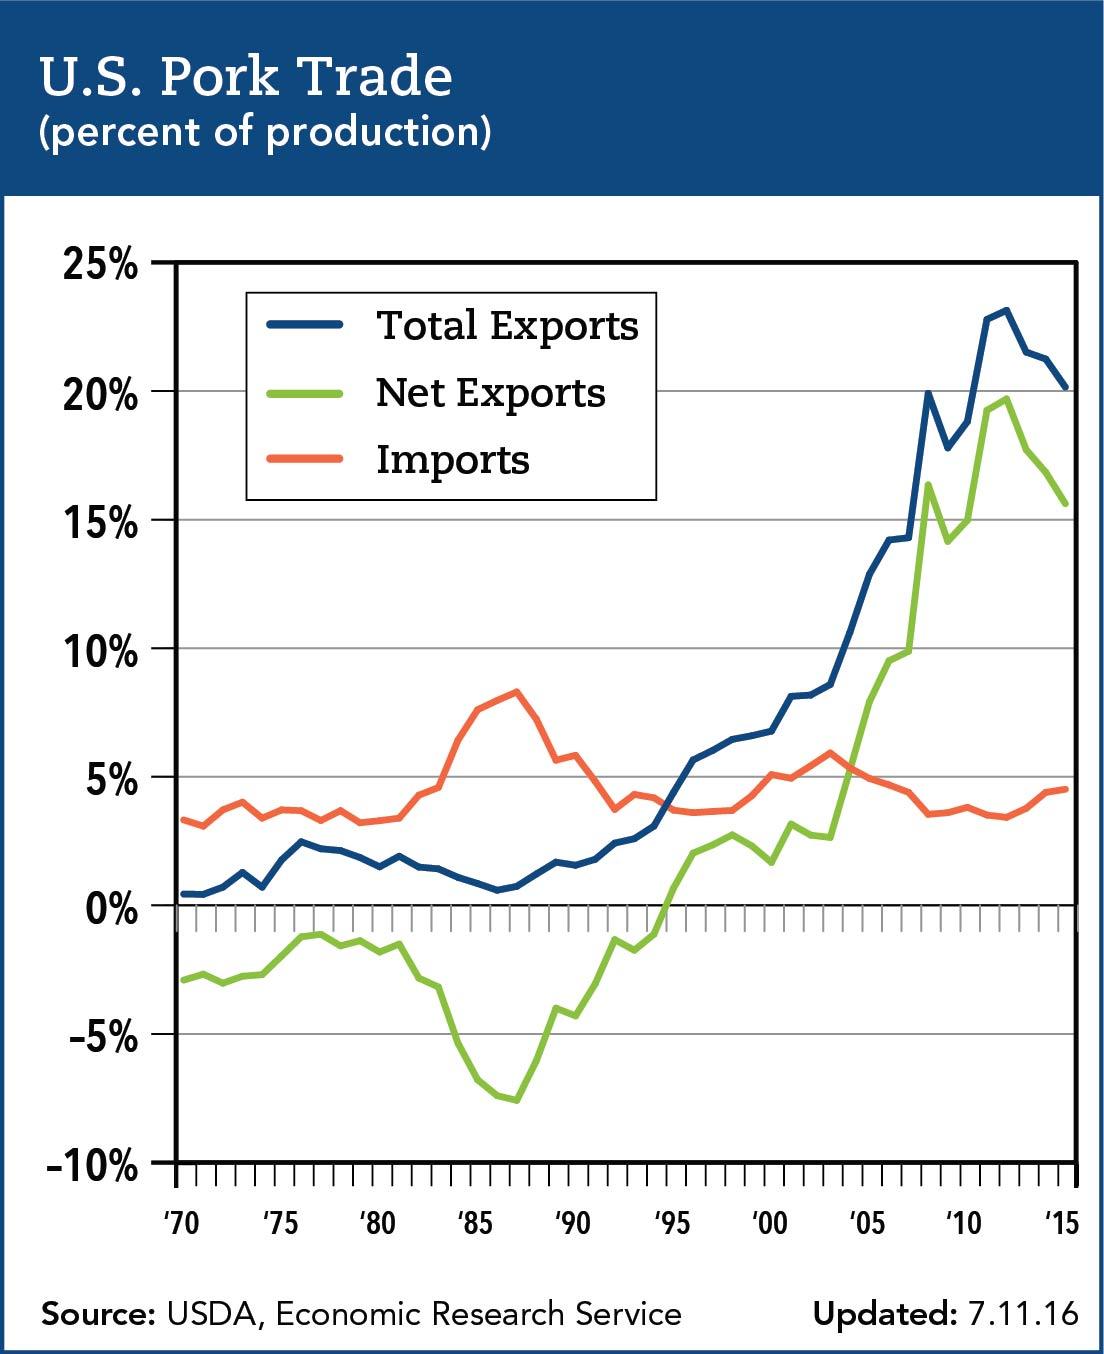 U.S. Pork Trade